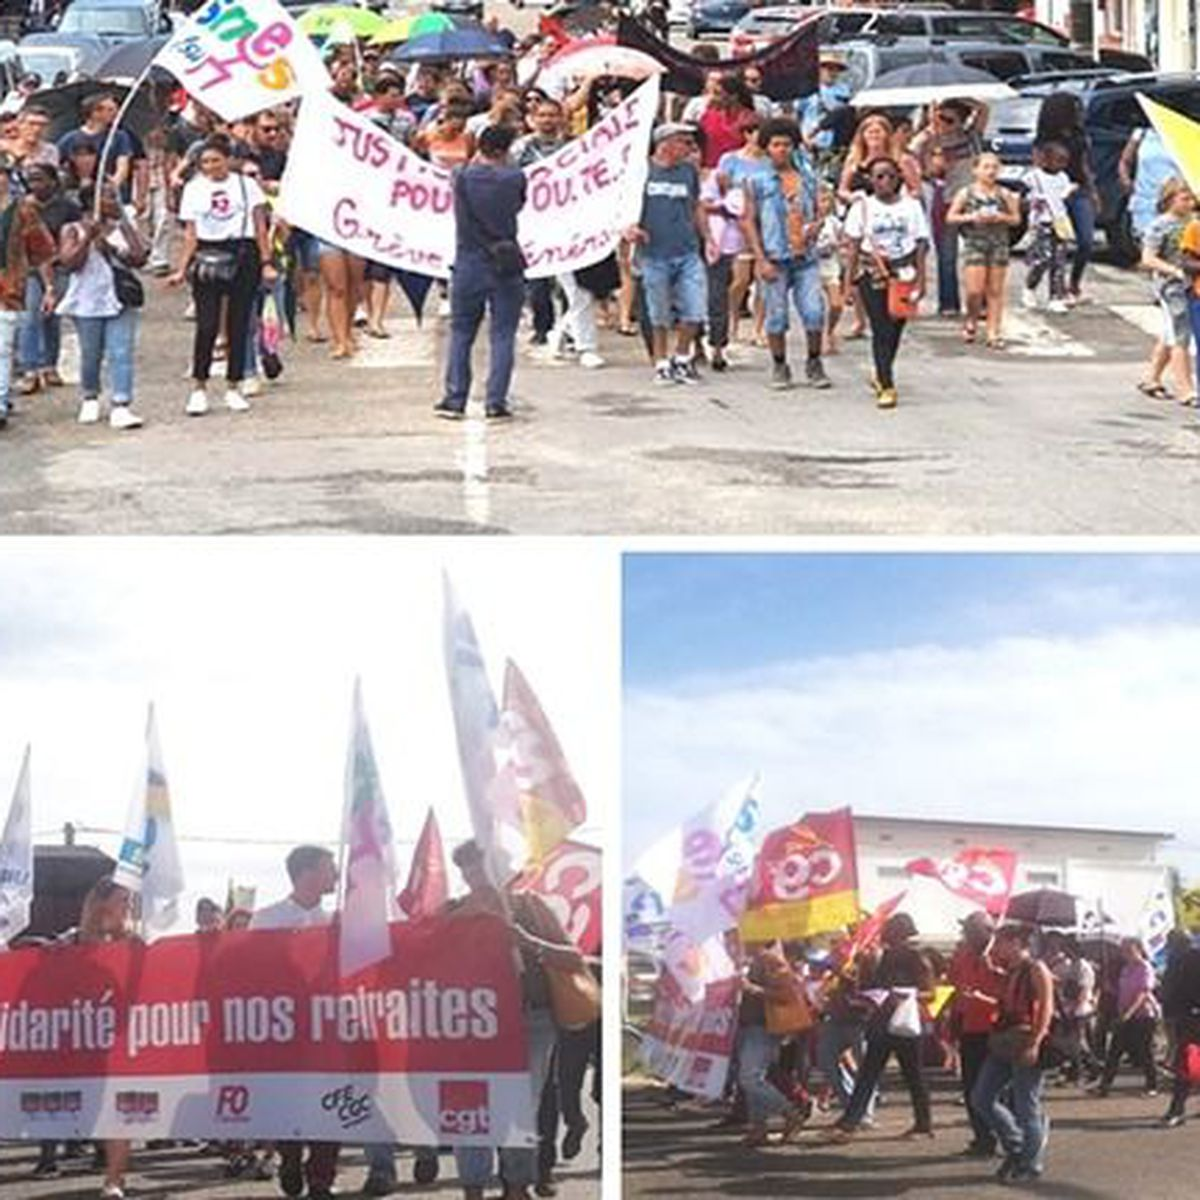 Faible mobilisation en Guyane pour la deuxième journée d'action contre le projet de réforme des retraites